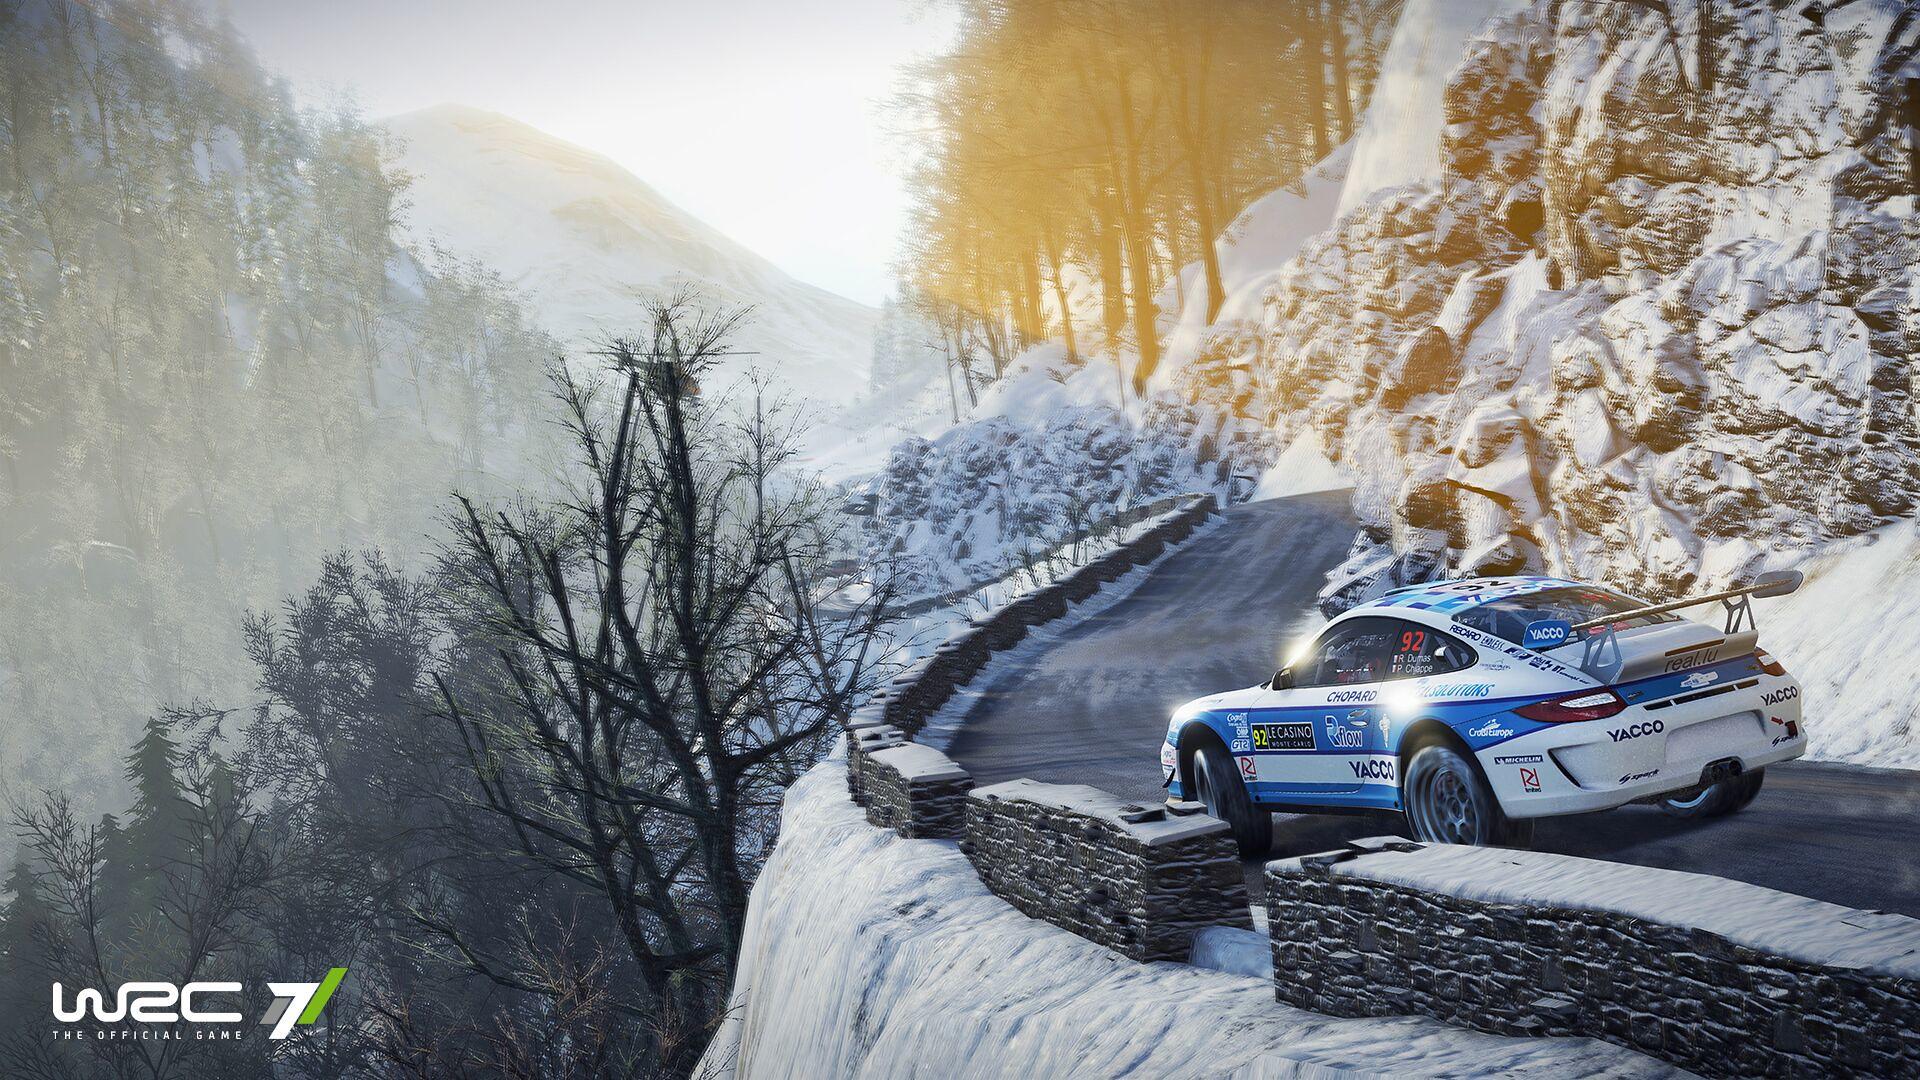 WRC7_Porsche911-4